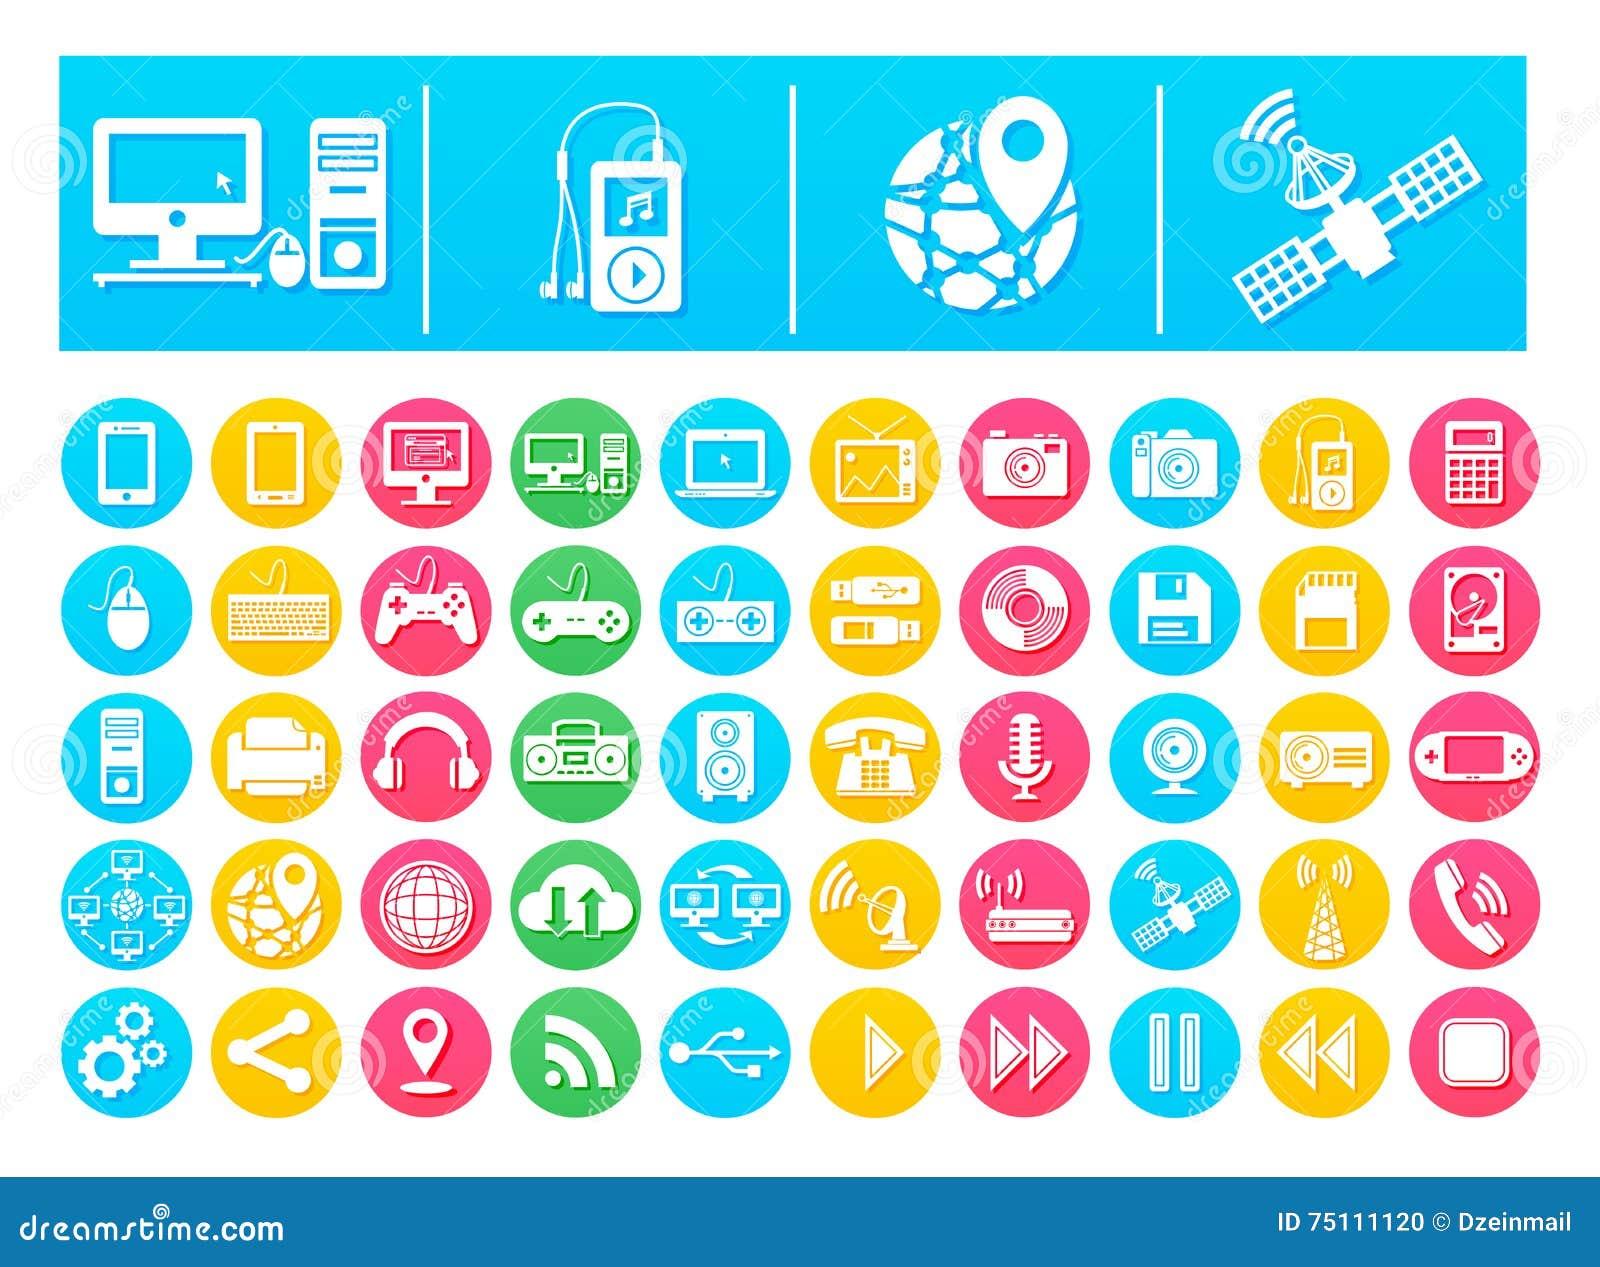 Vektor-Ikonen-Satz-Geräte und Technologie flach in den bunten Kreisen